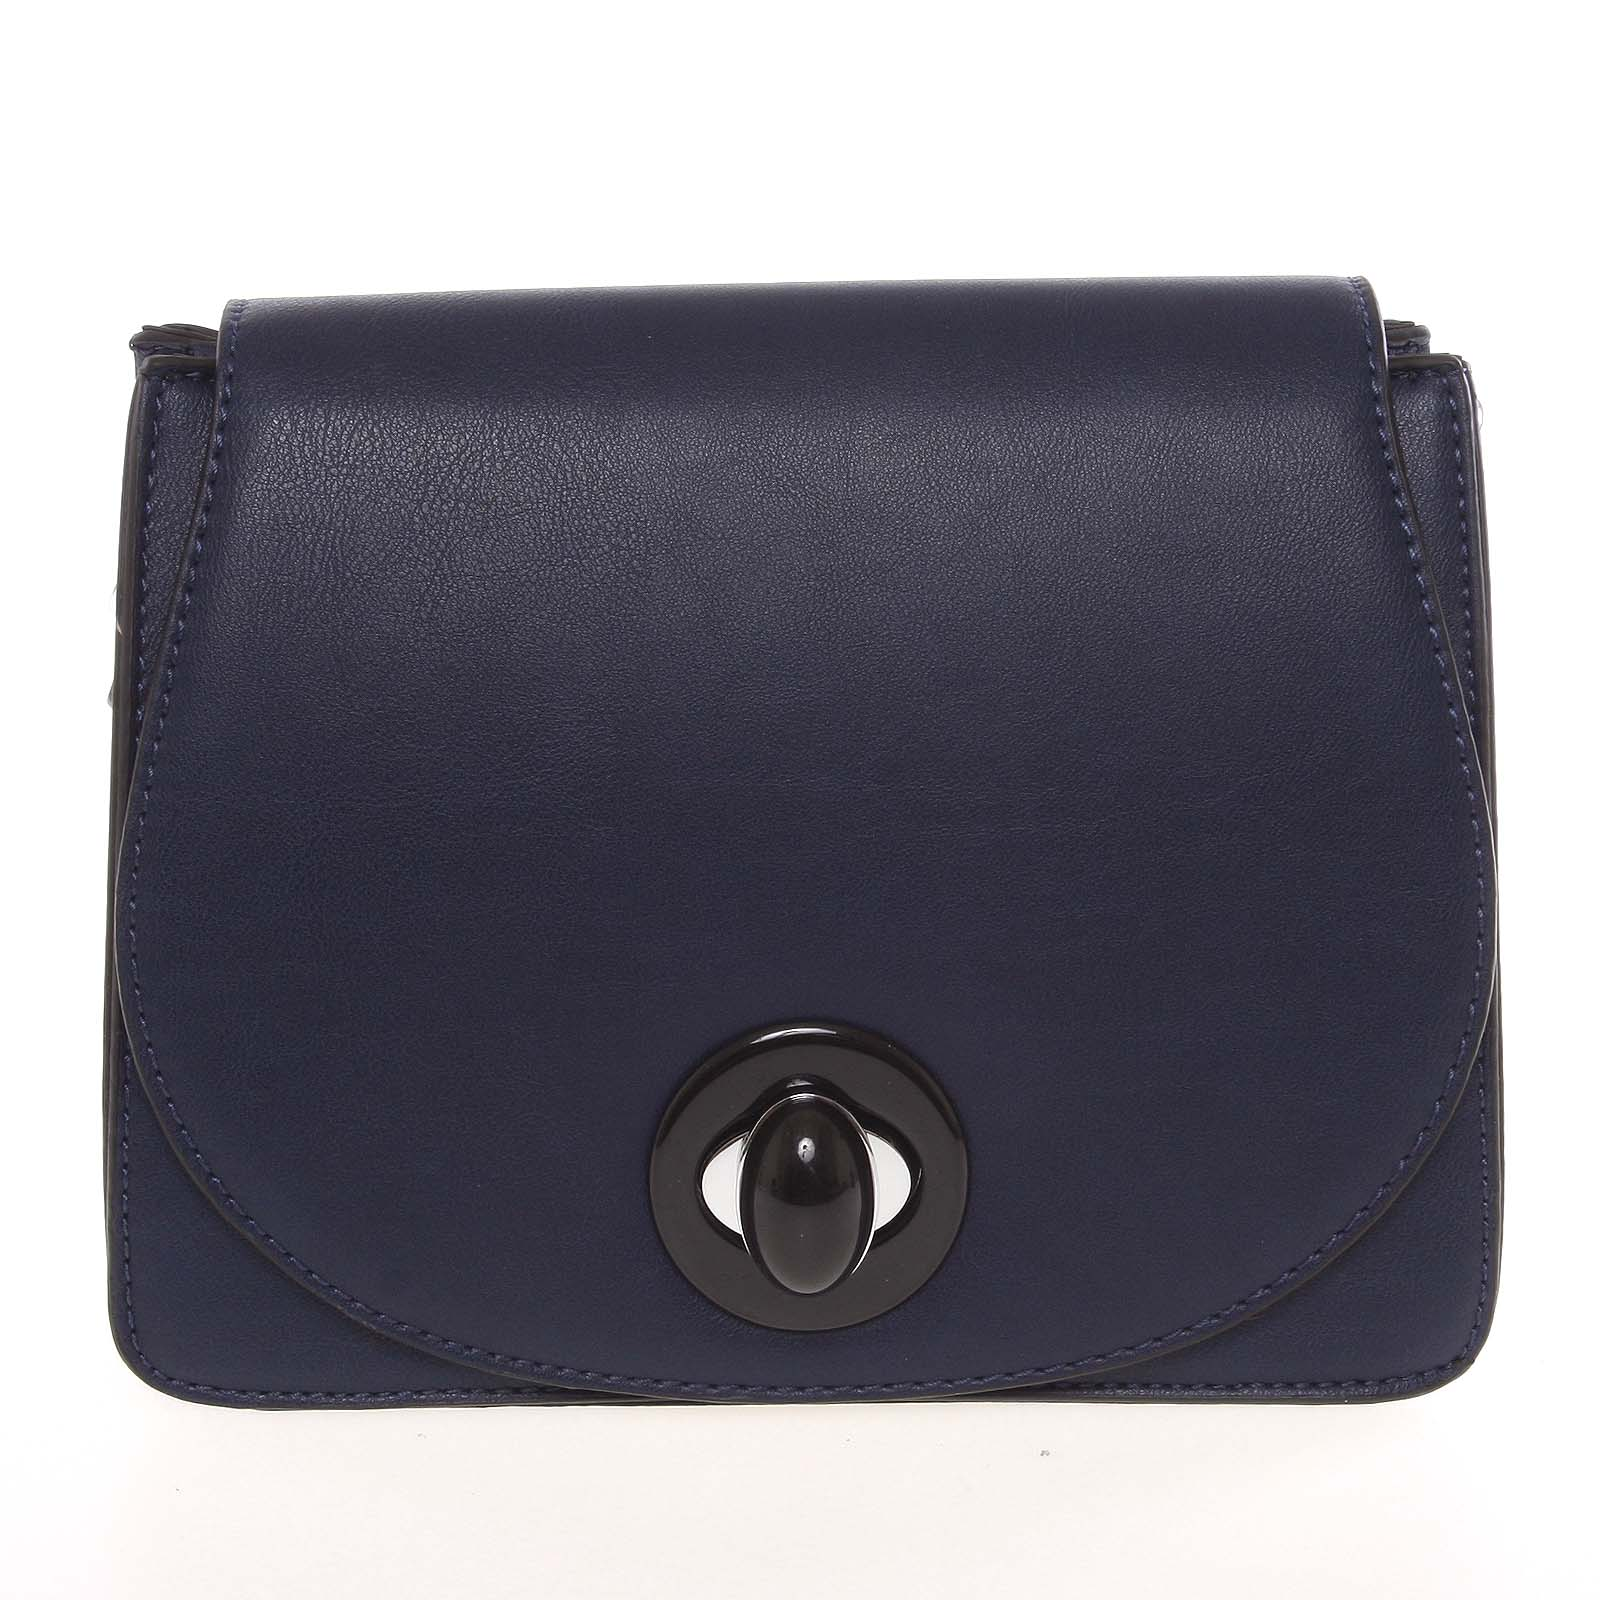 Moderní pevná dámská crossbody kabelka tmavě modrá - Silvia Rosa Stacey modrá